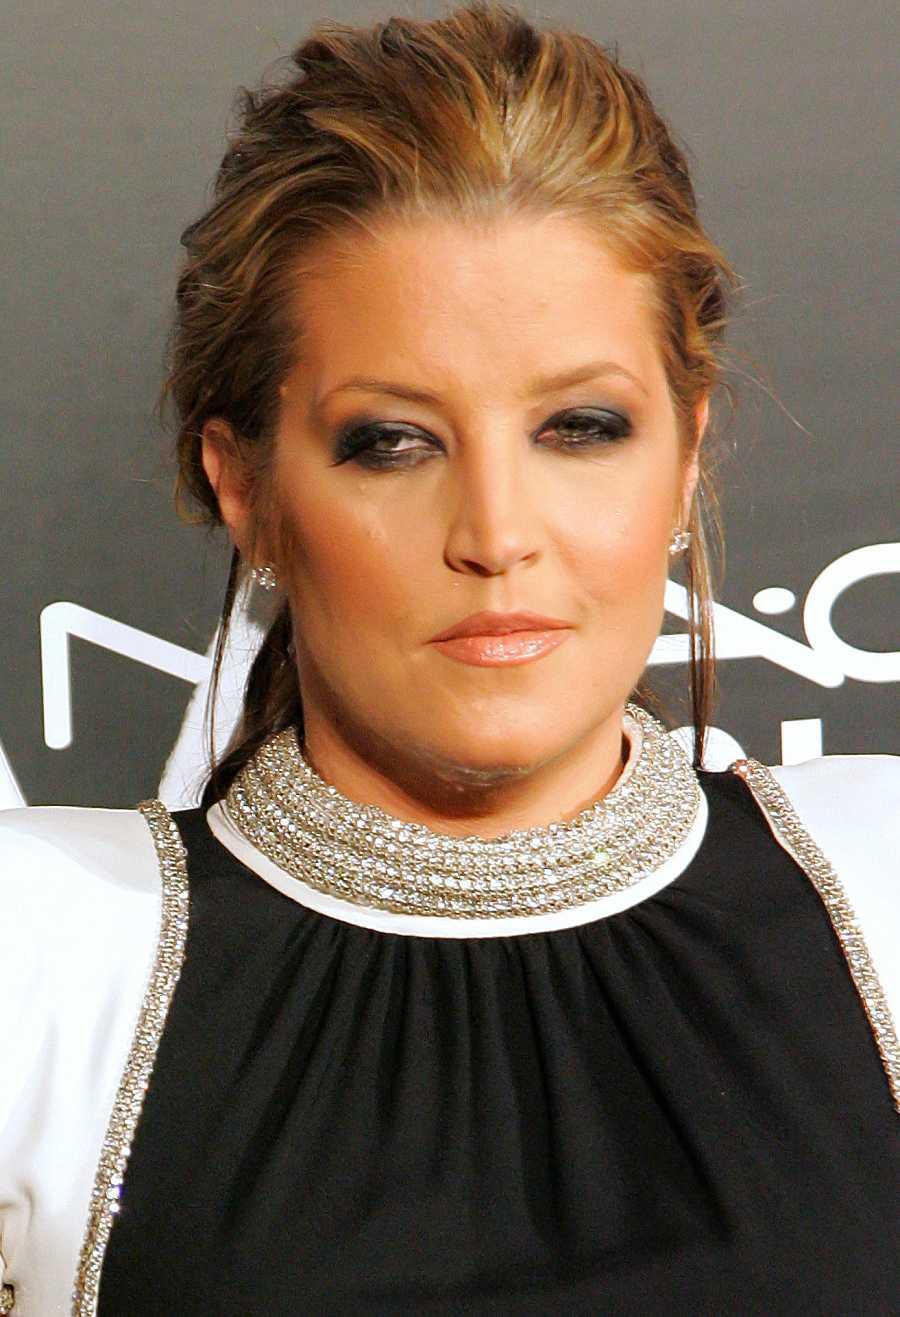 Lisa Marie Presley, la hija de Elvis Presley